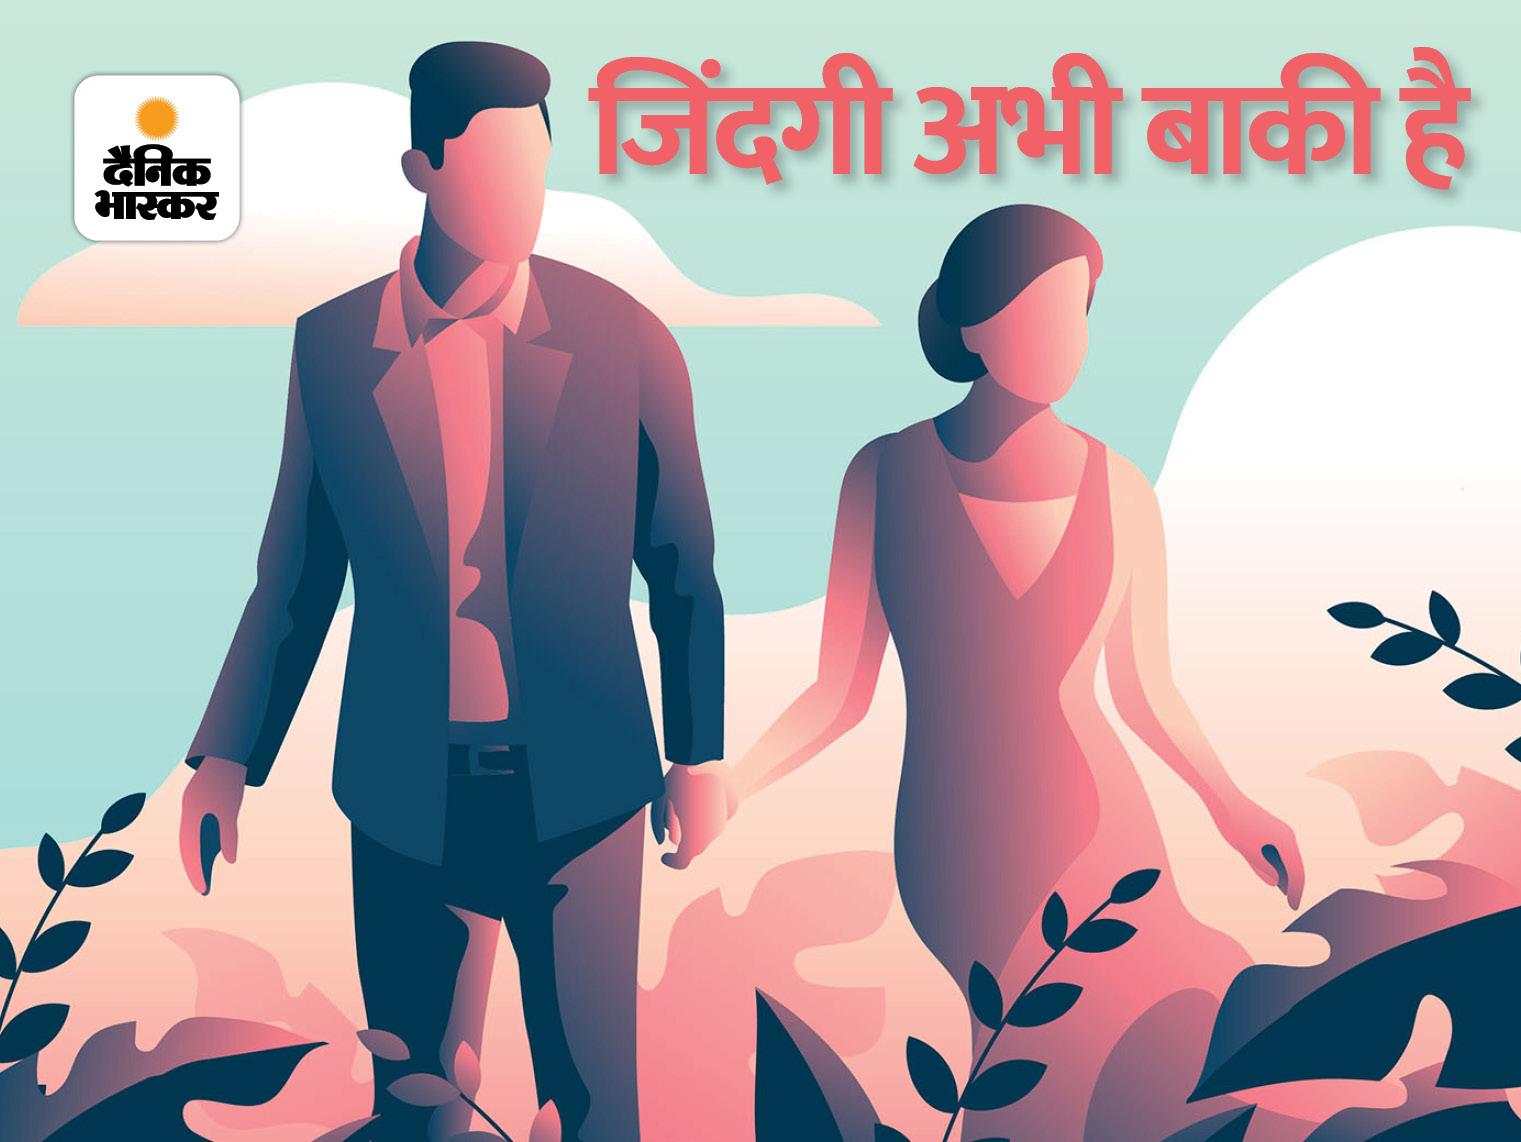 आधी उमर निकल गयी शैलेश, अब किसी भी जवाब का कोई मतलब नहीं, पर जवाब दिये बिना अब जी नहींपाऊंगी|कहानी,Story - Dainik Bhaskar